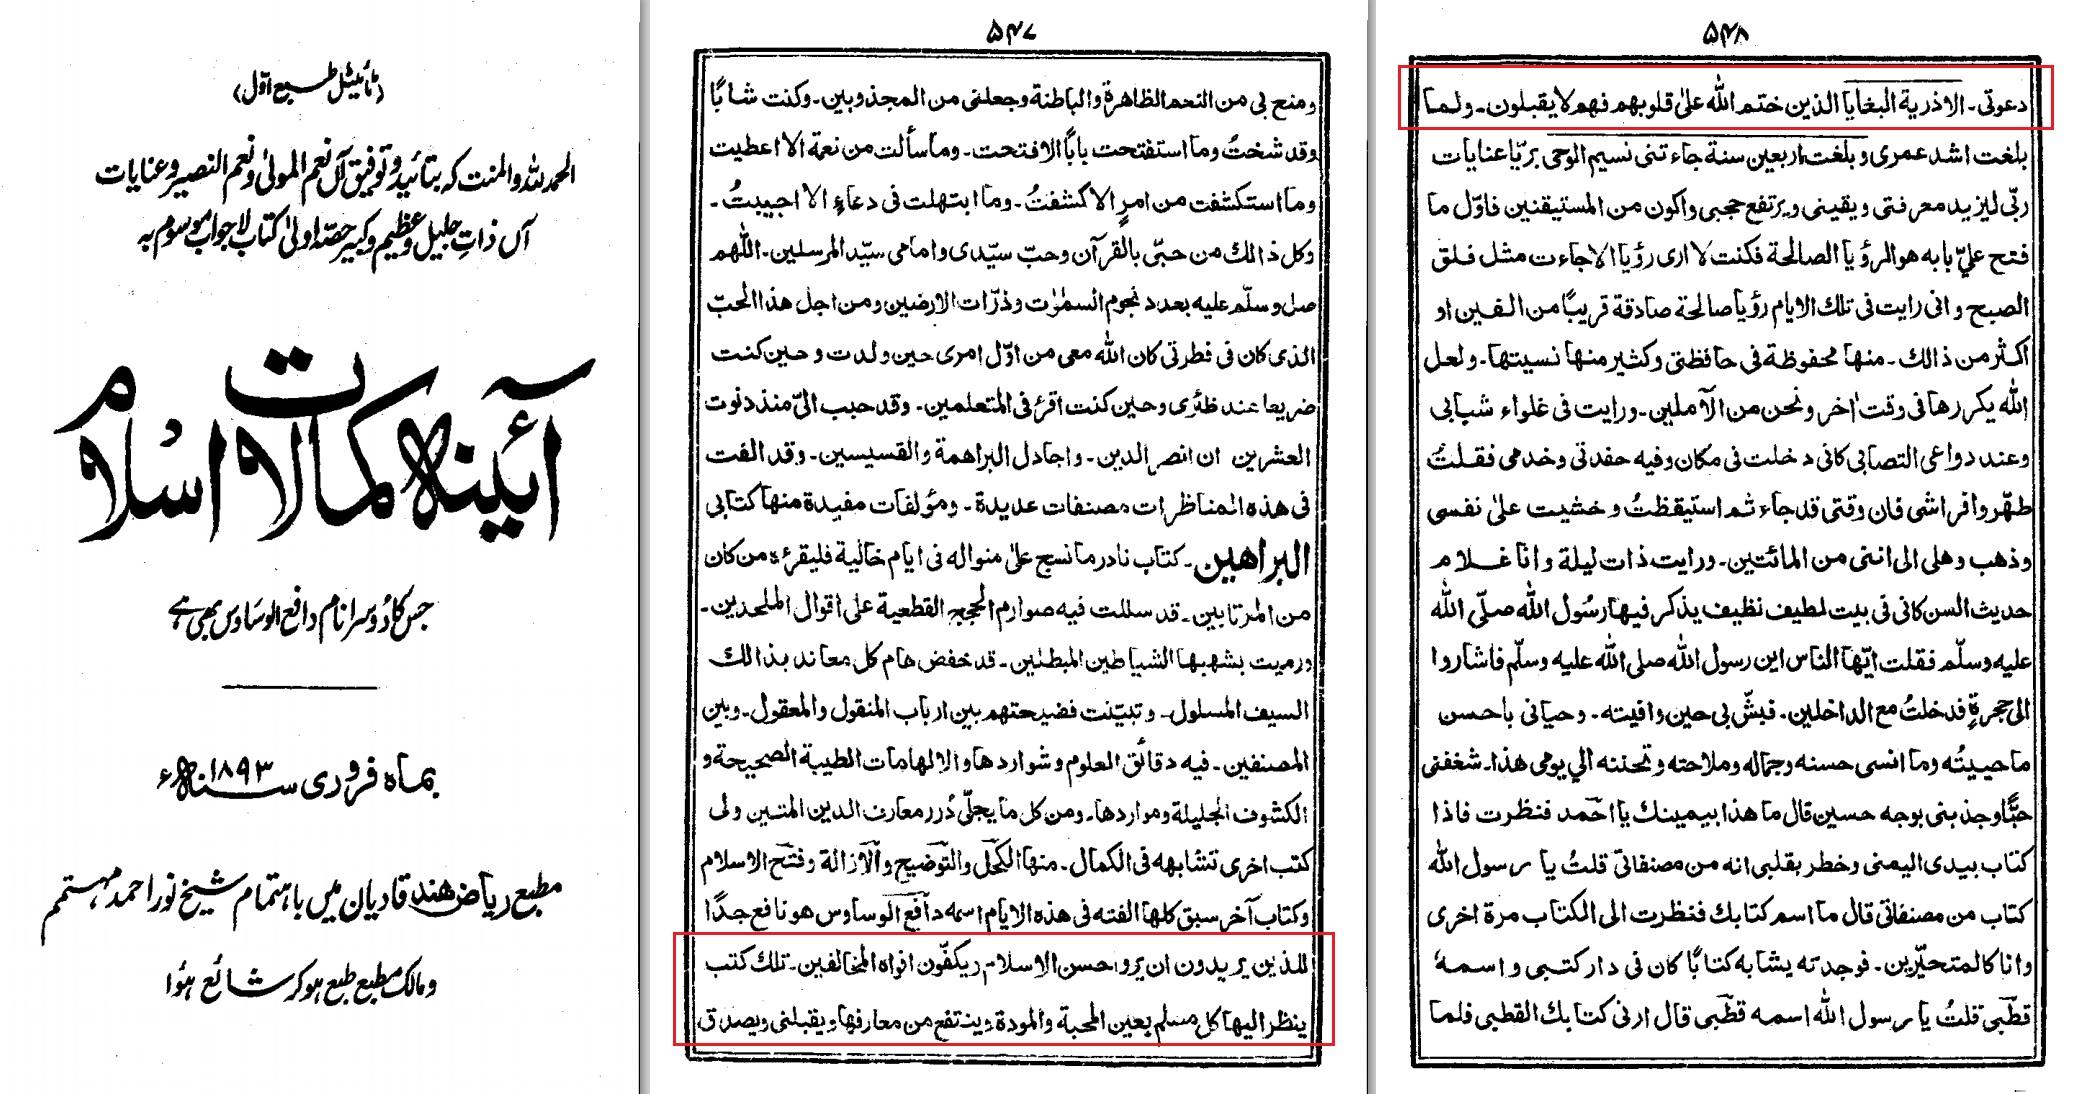 A'inah Kamalat Islam - seite 547 - 548